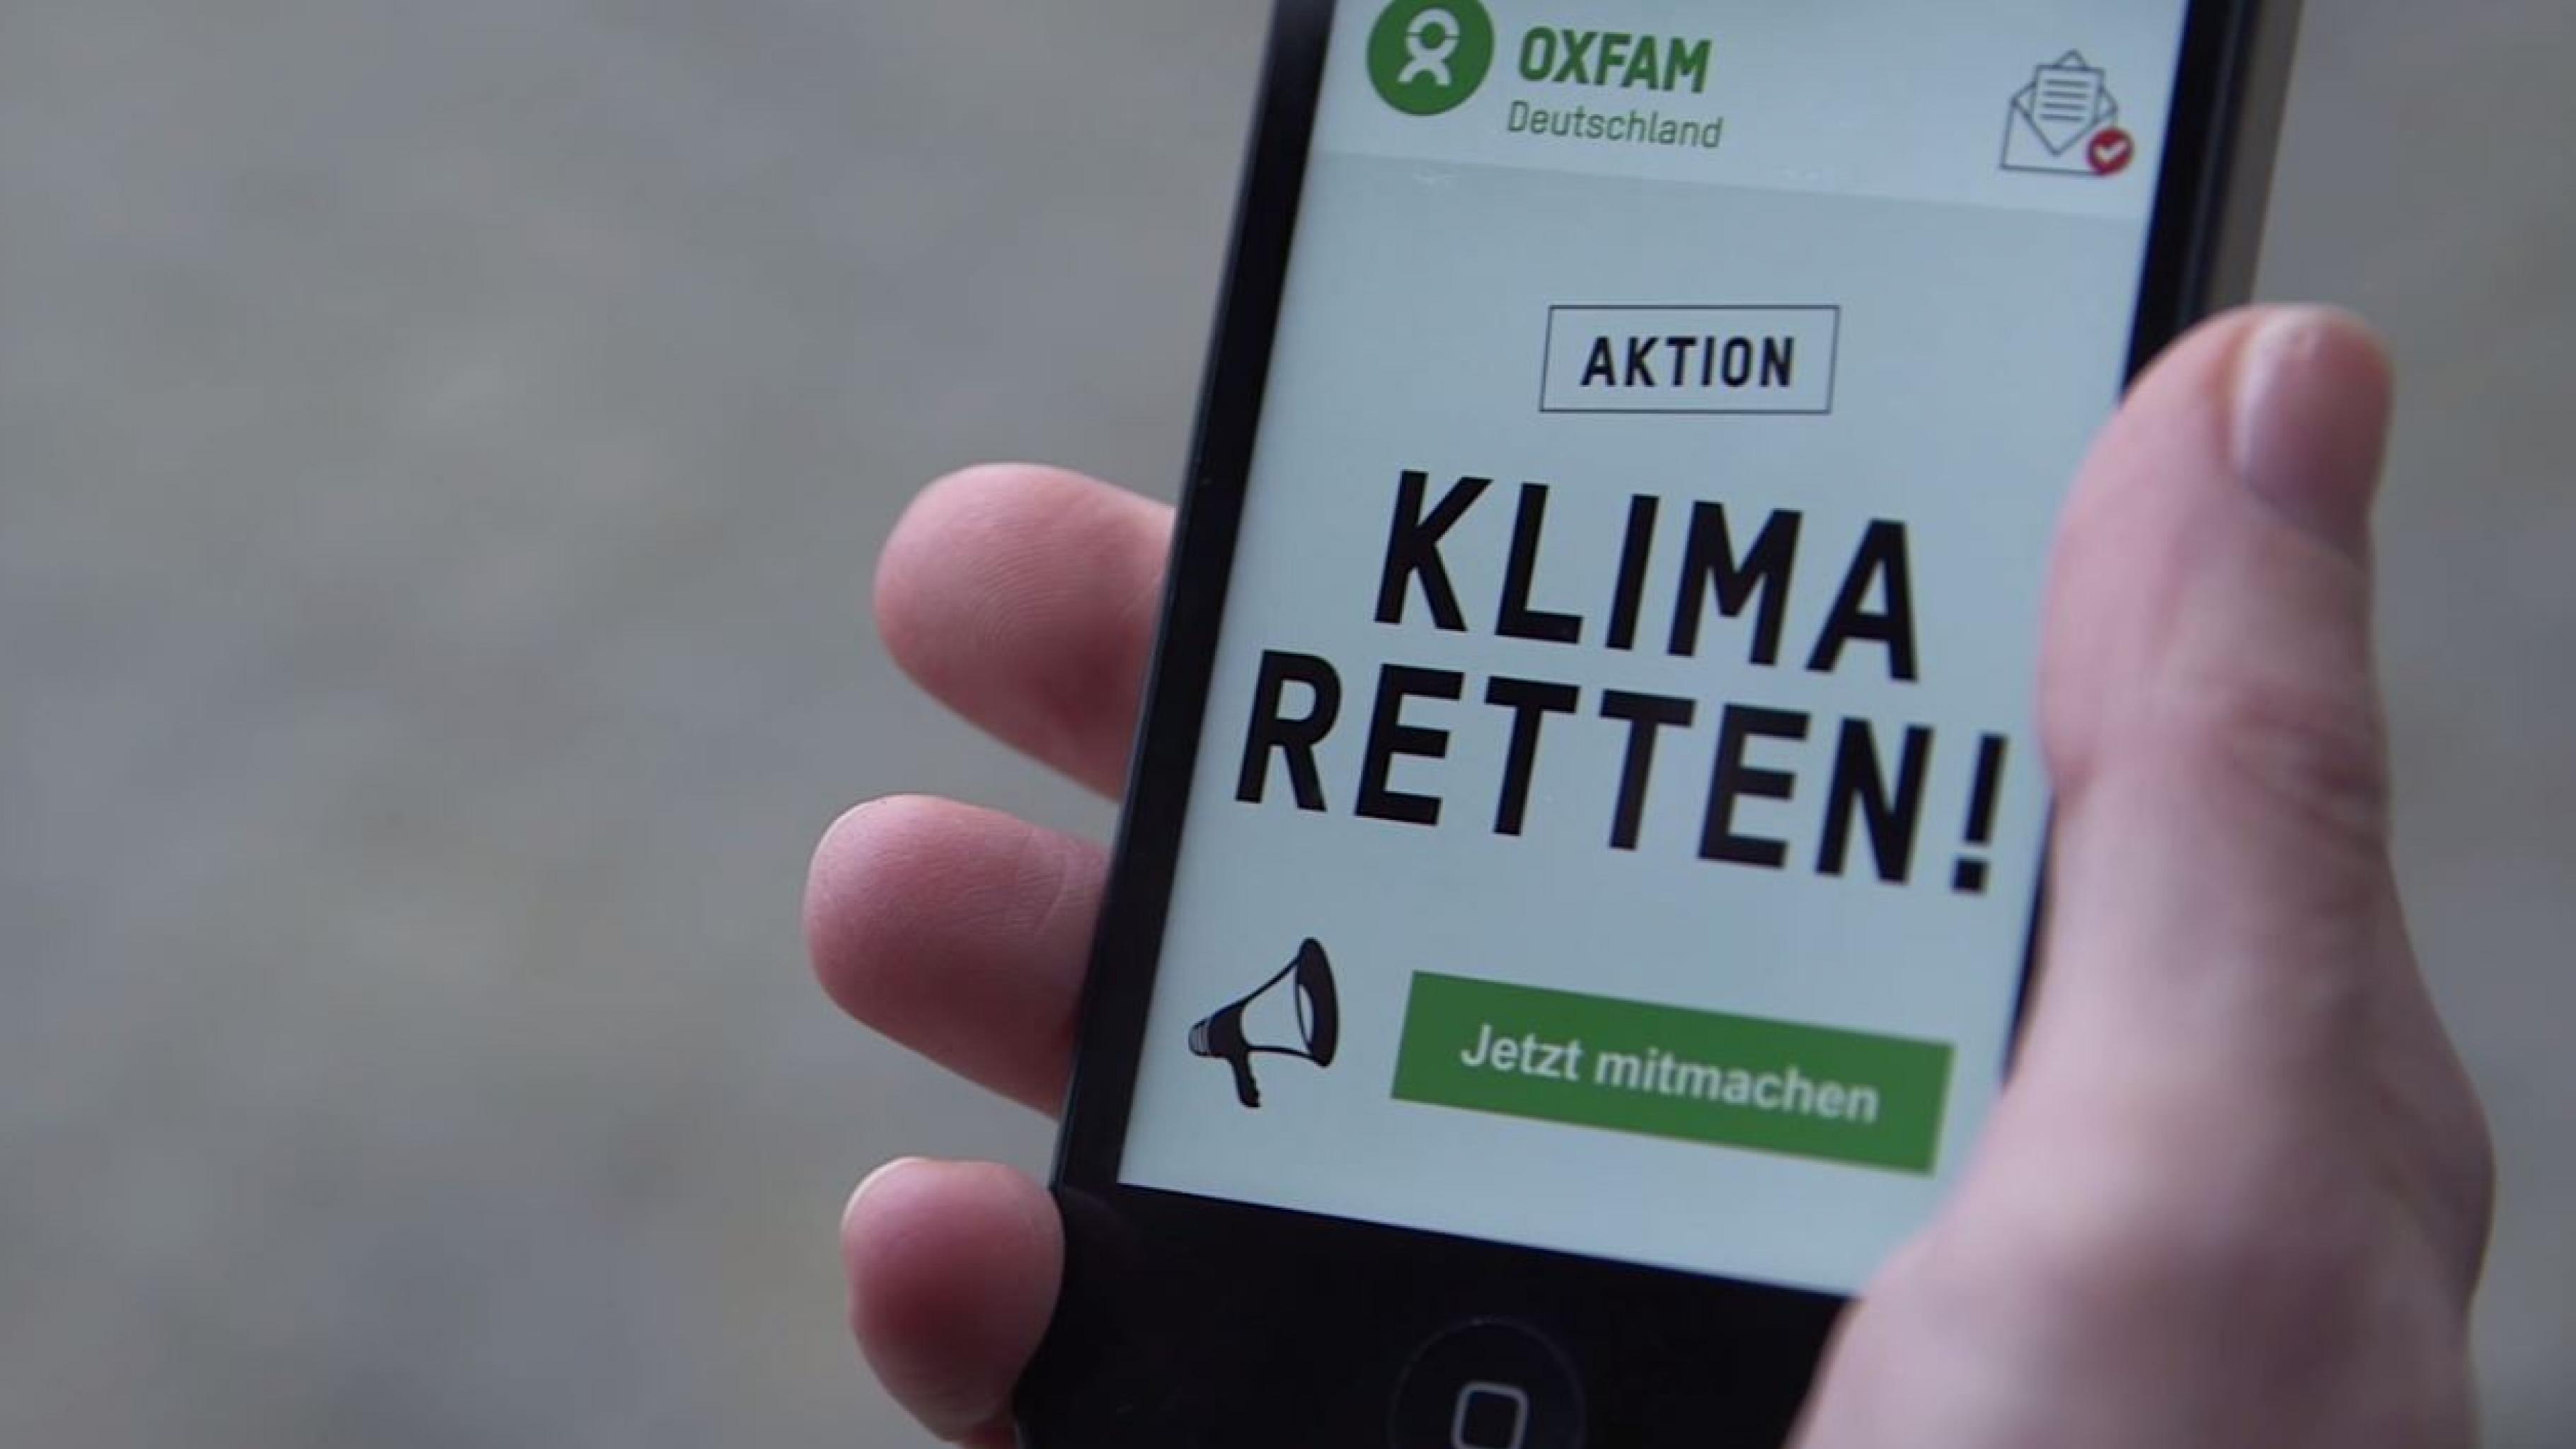 Smartphone mit Aufschrift: Aktion Klima retten!